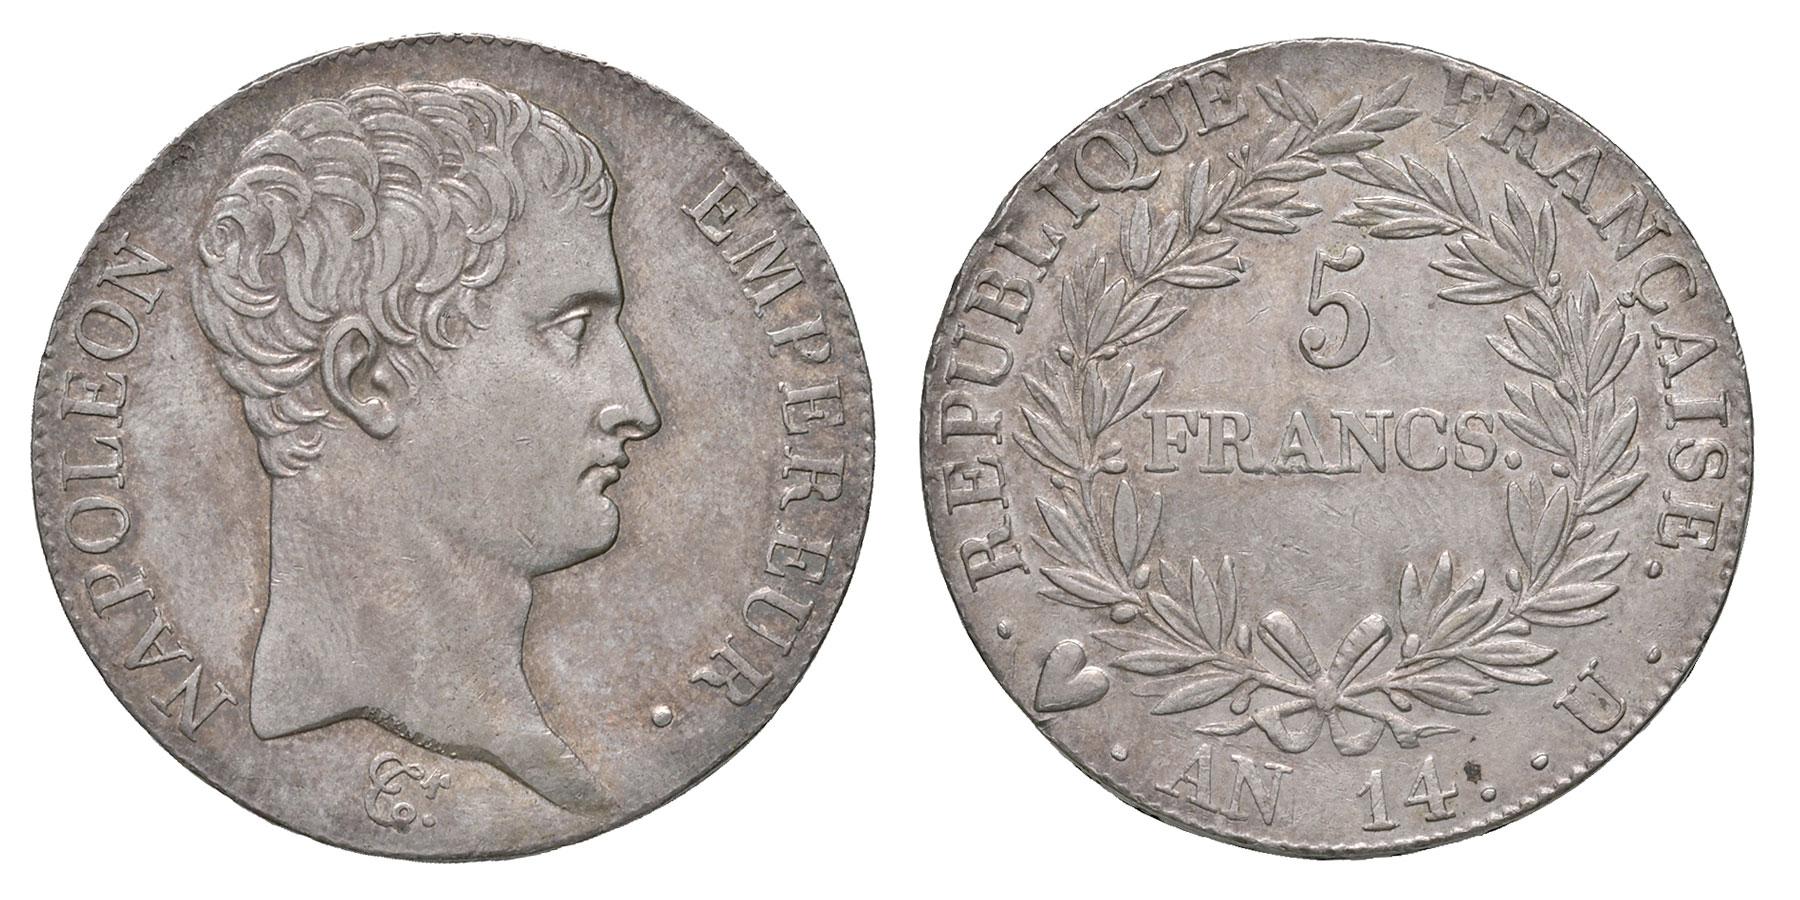 Lotto 115: Napoleone I (1804-1814). 5 franchi anno 14. Pagani 26. Montenegro 31. AG. Lievi segnetti. Rarissima e in conservazione eccezionale per questo tipo di moneta. Deliziosa patina. SPL / Stima € 2.500